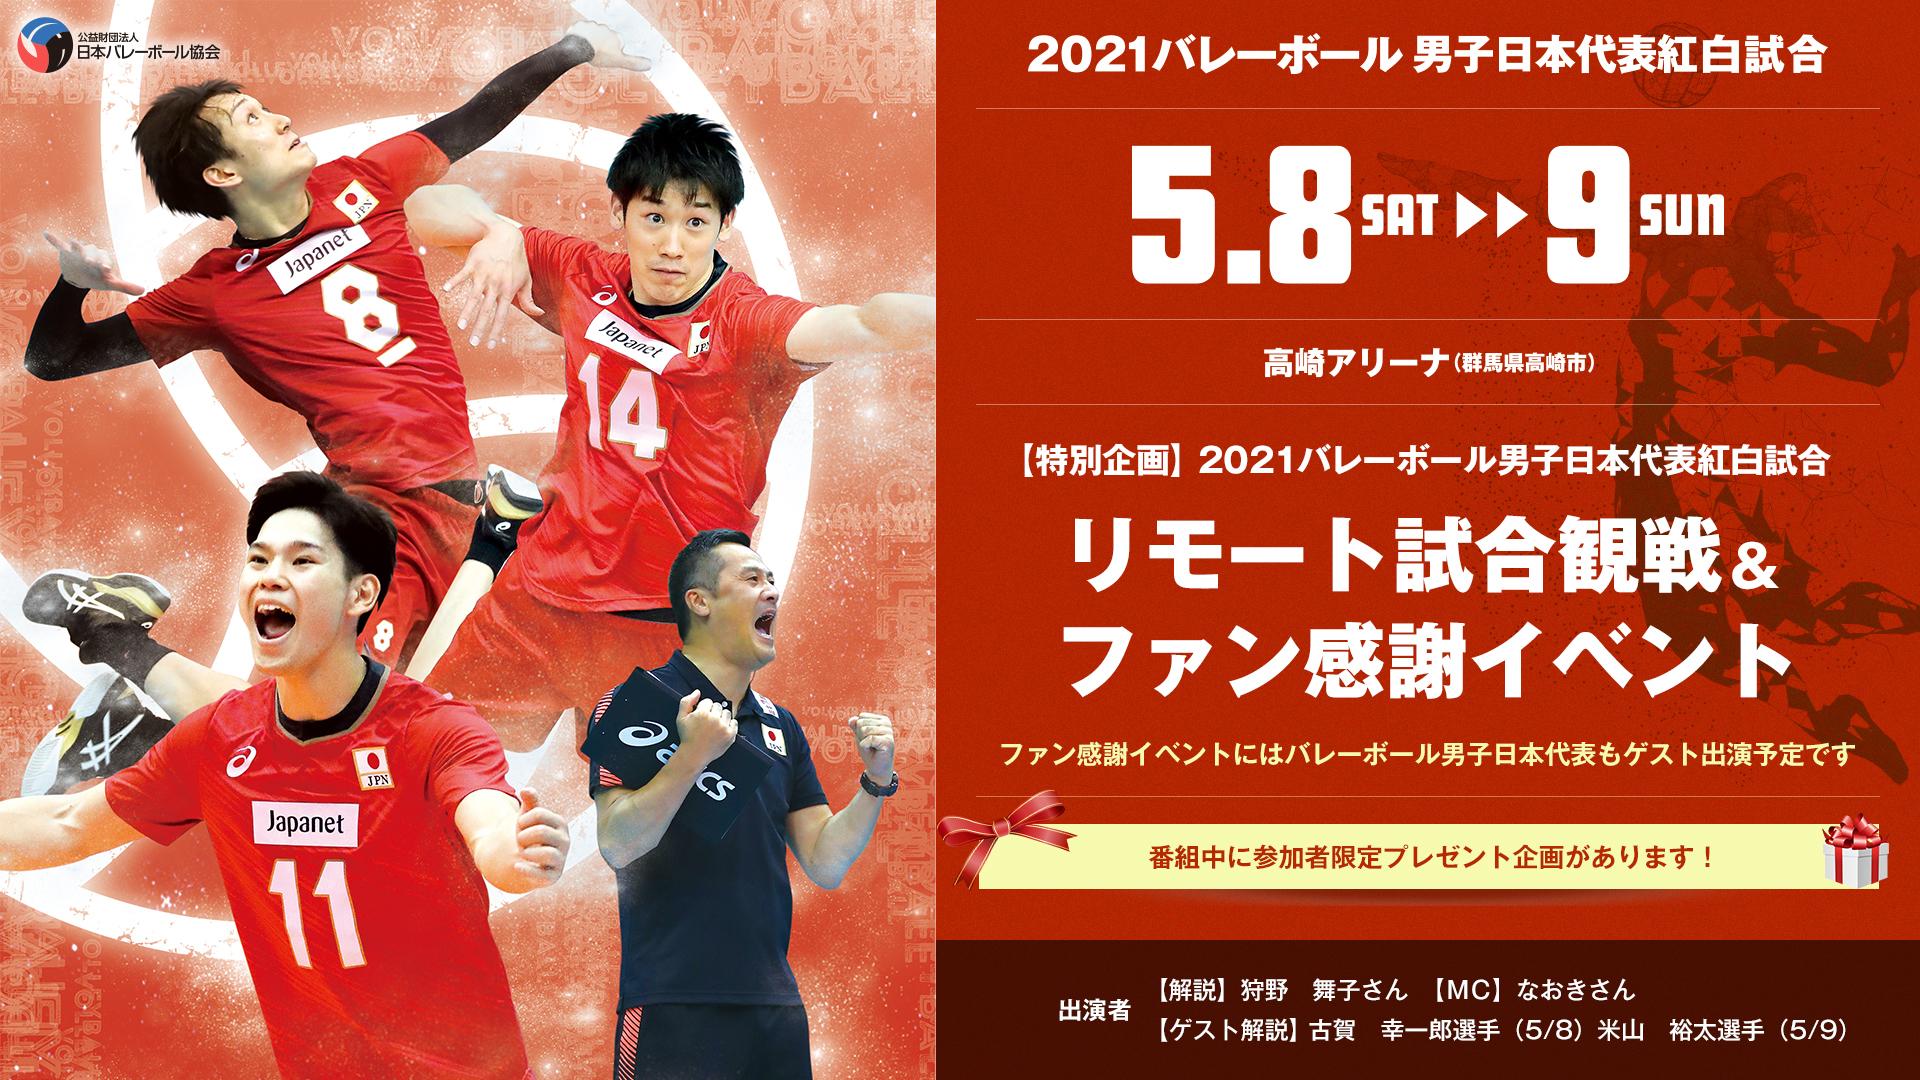 2021バレーボール男子日本代表紅白試合、およびファン感謝イベントが開催される